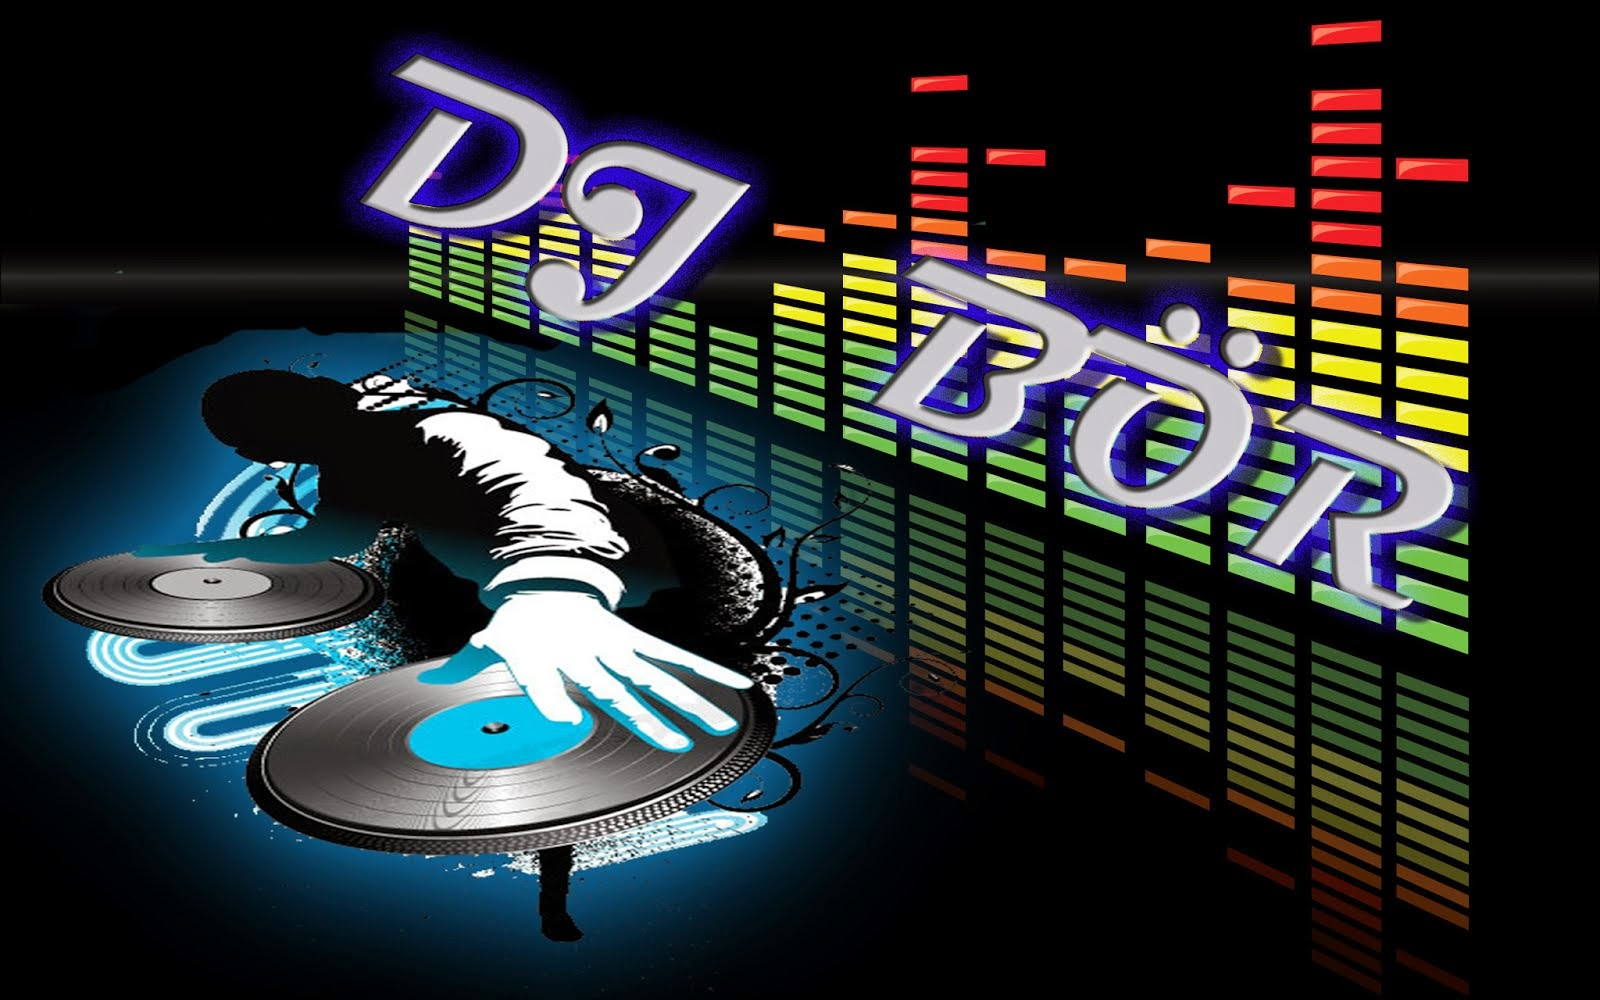 DJ BÖR